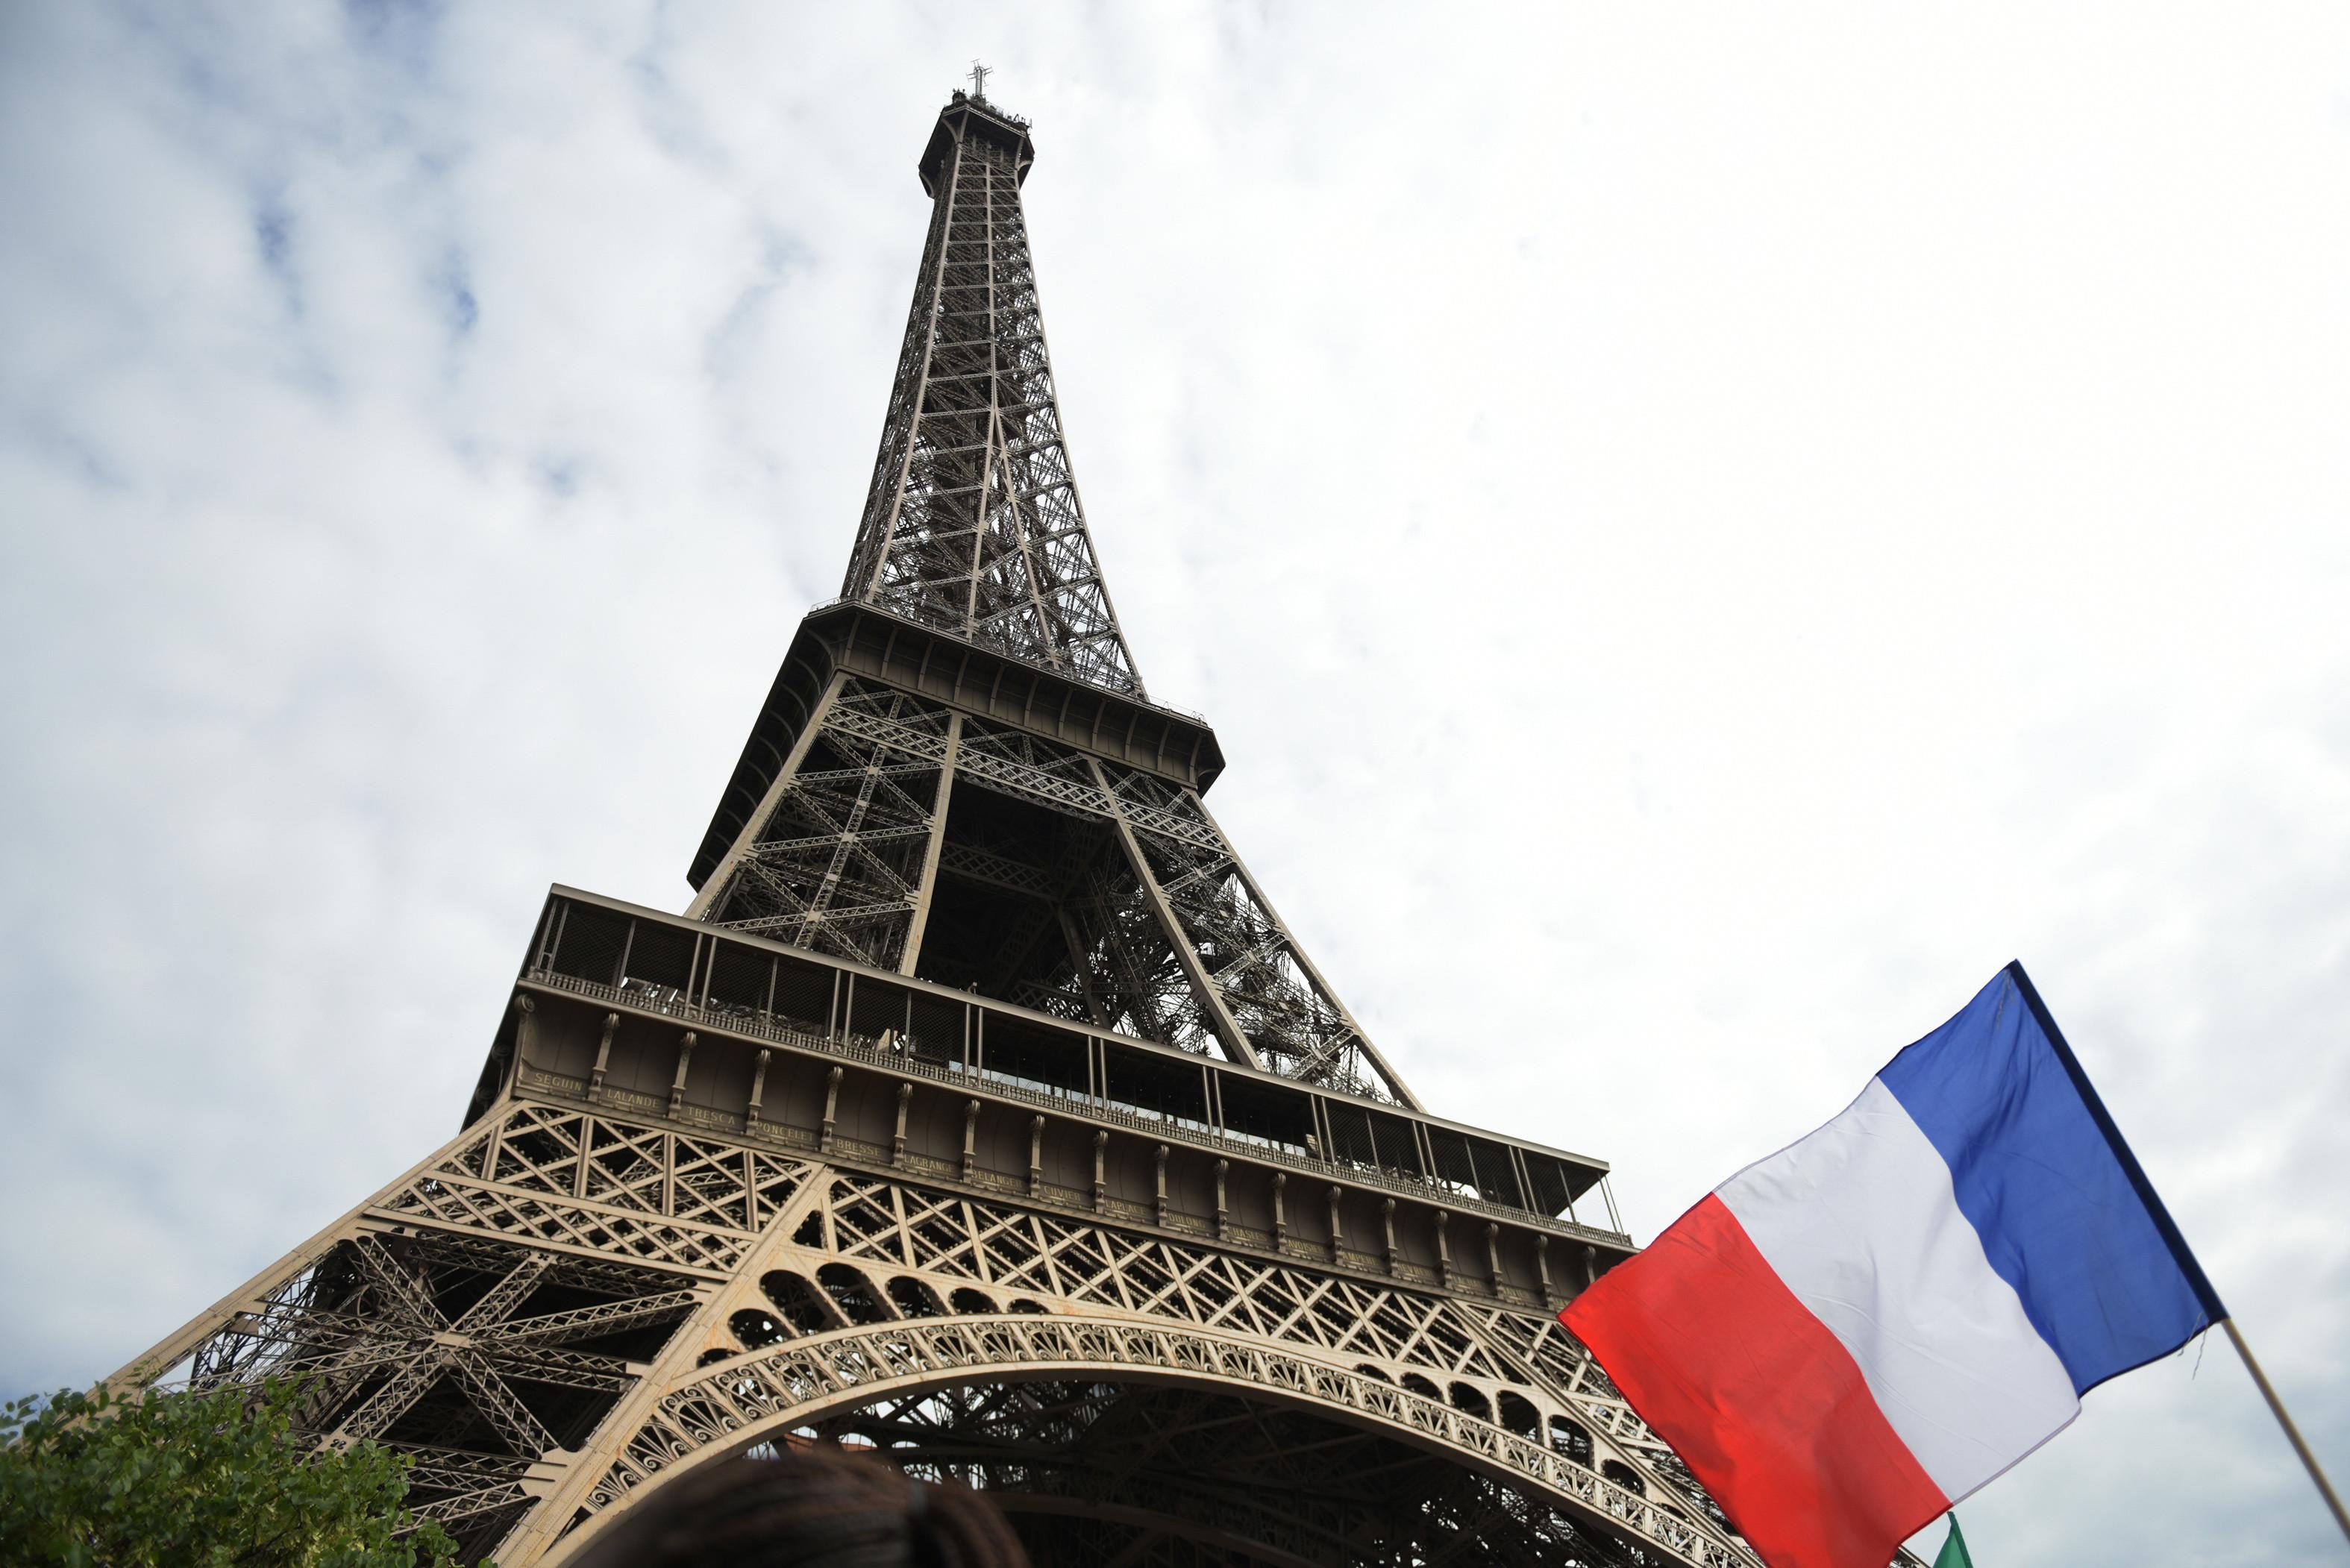 <p>Эйфелева башня в Париже. Фото: &copy;РИА Новости/Наталья Селиверстова</p>